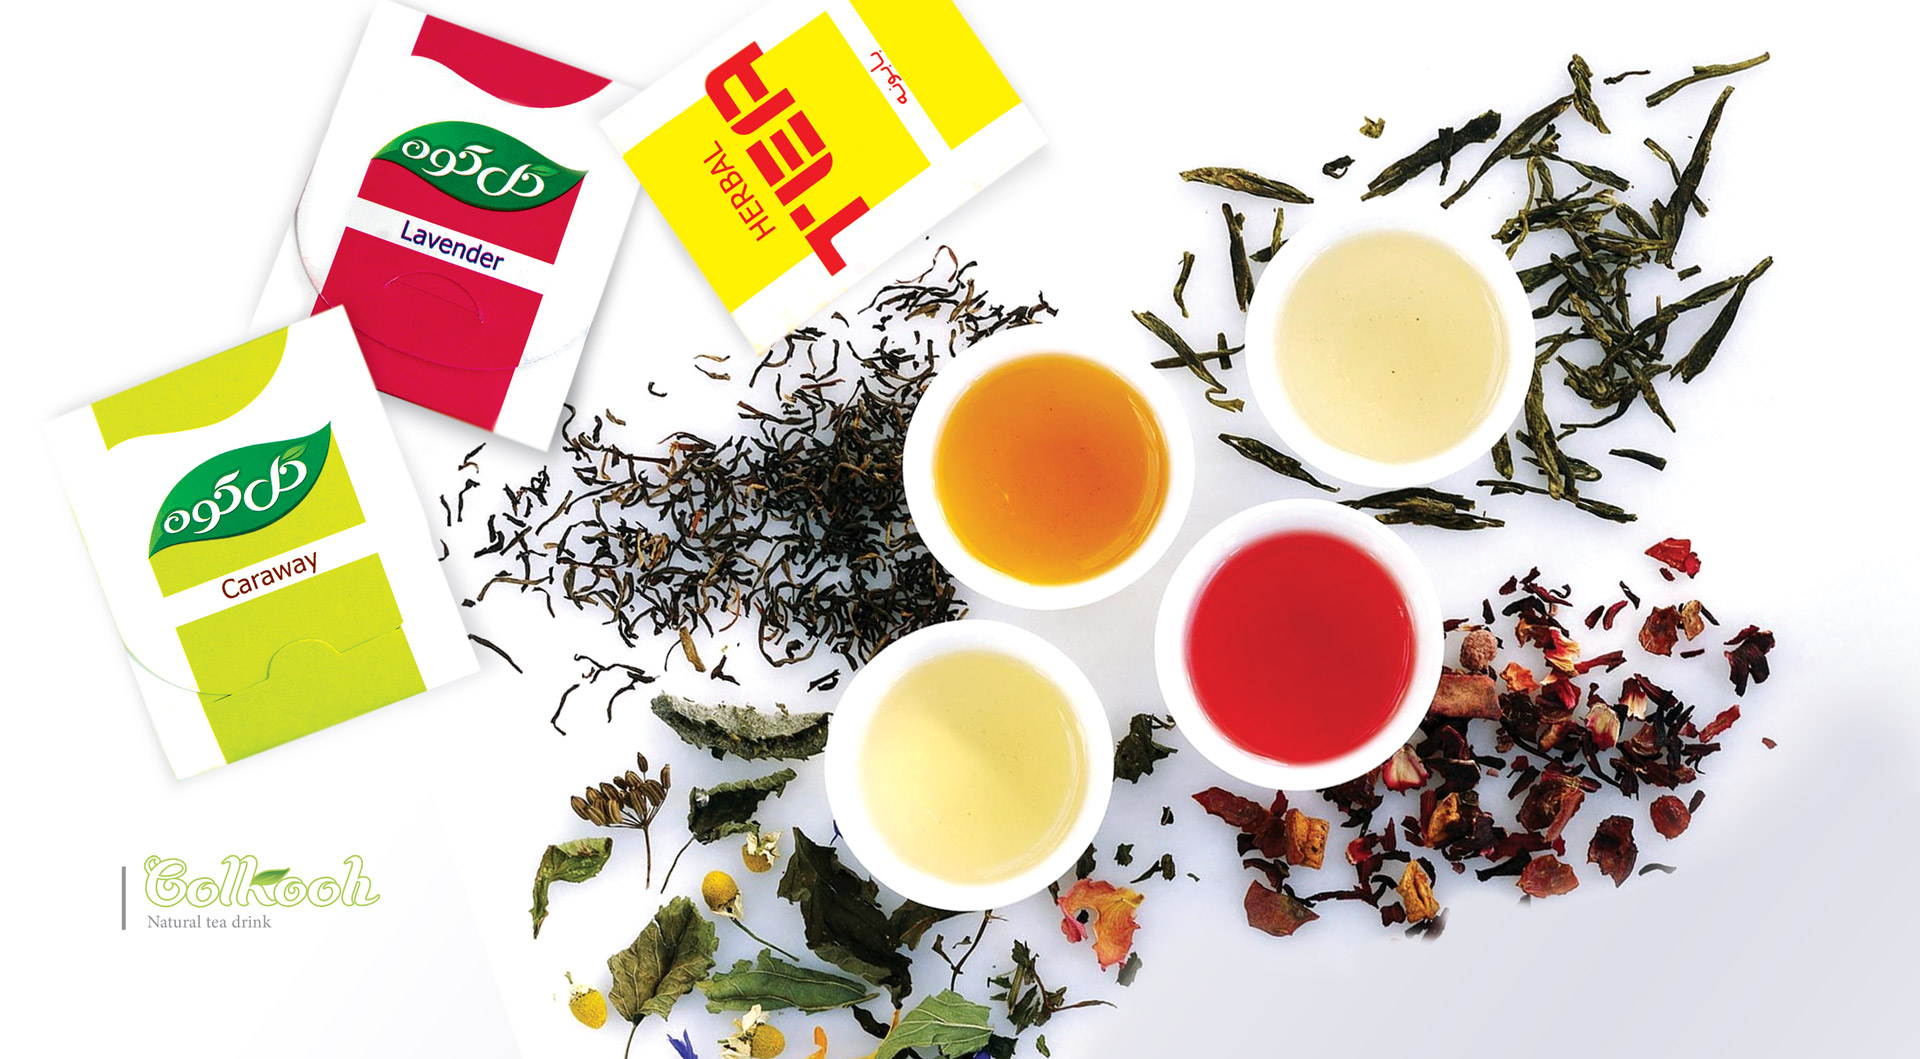 چای گل کوه بینالود